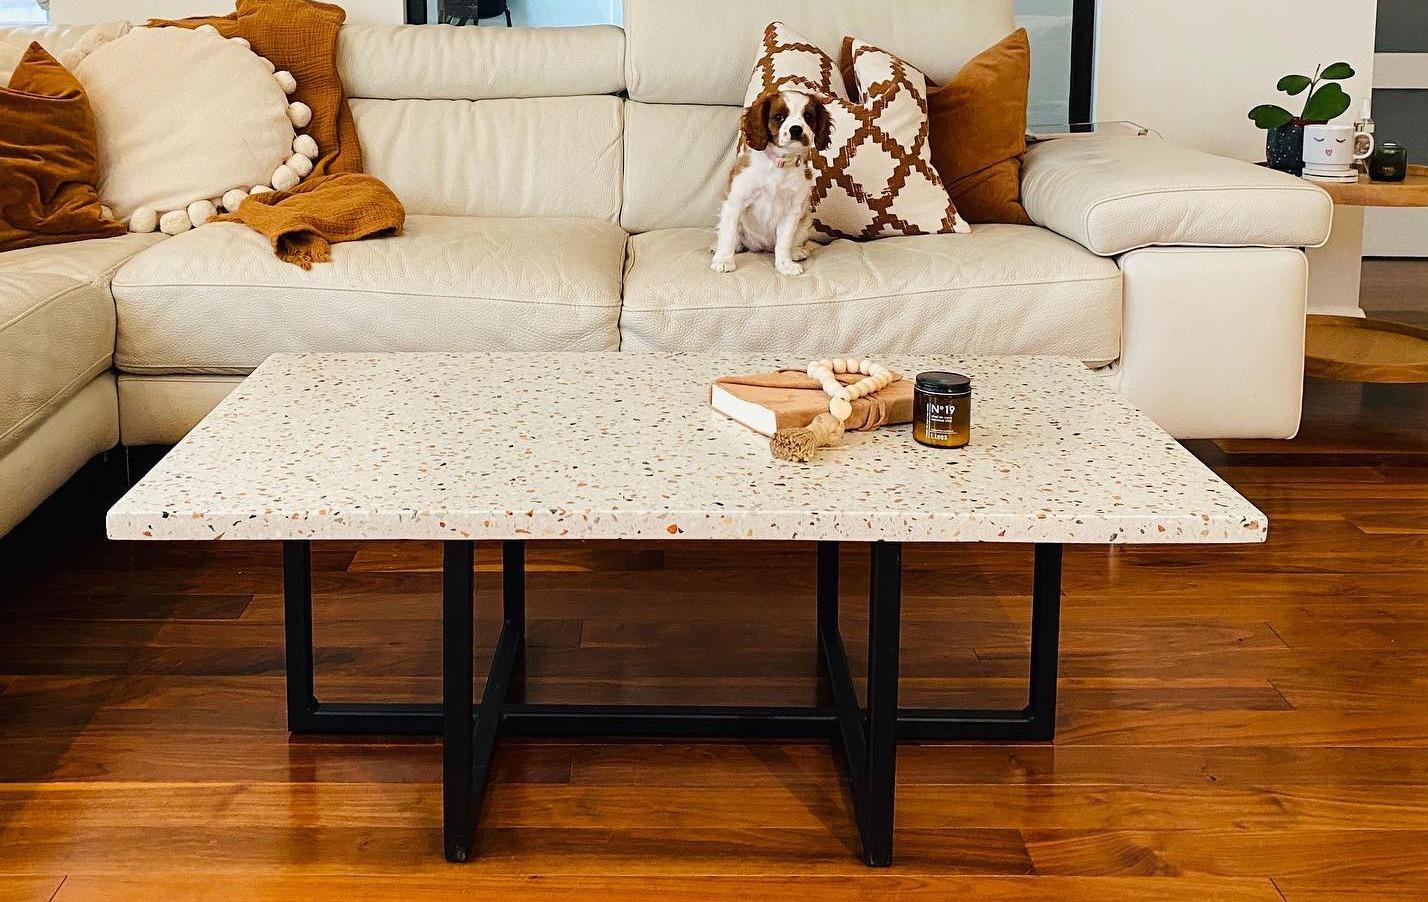 Table salon terrazzo